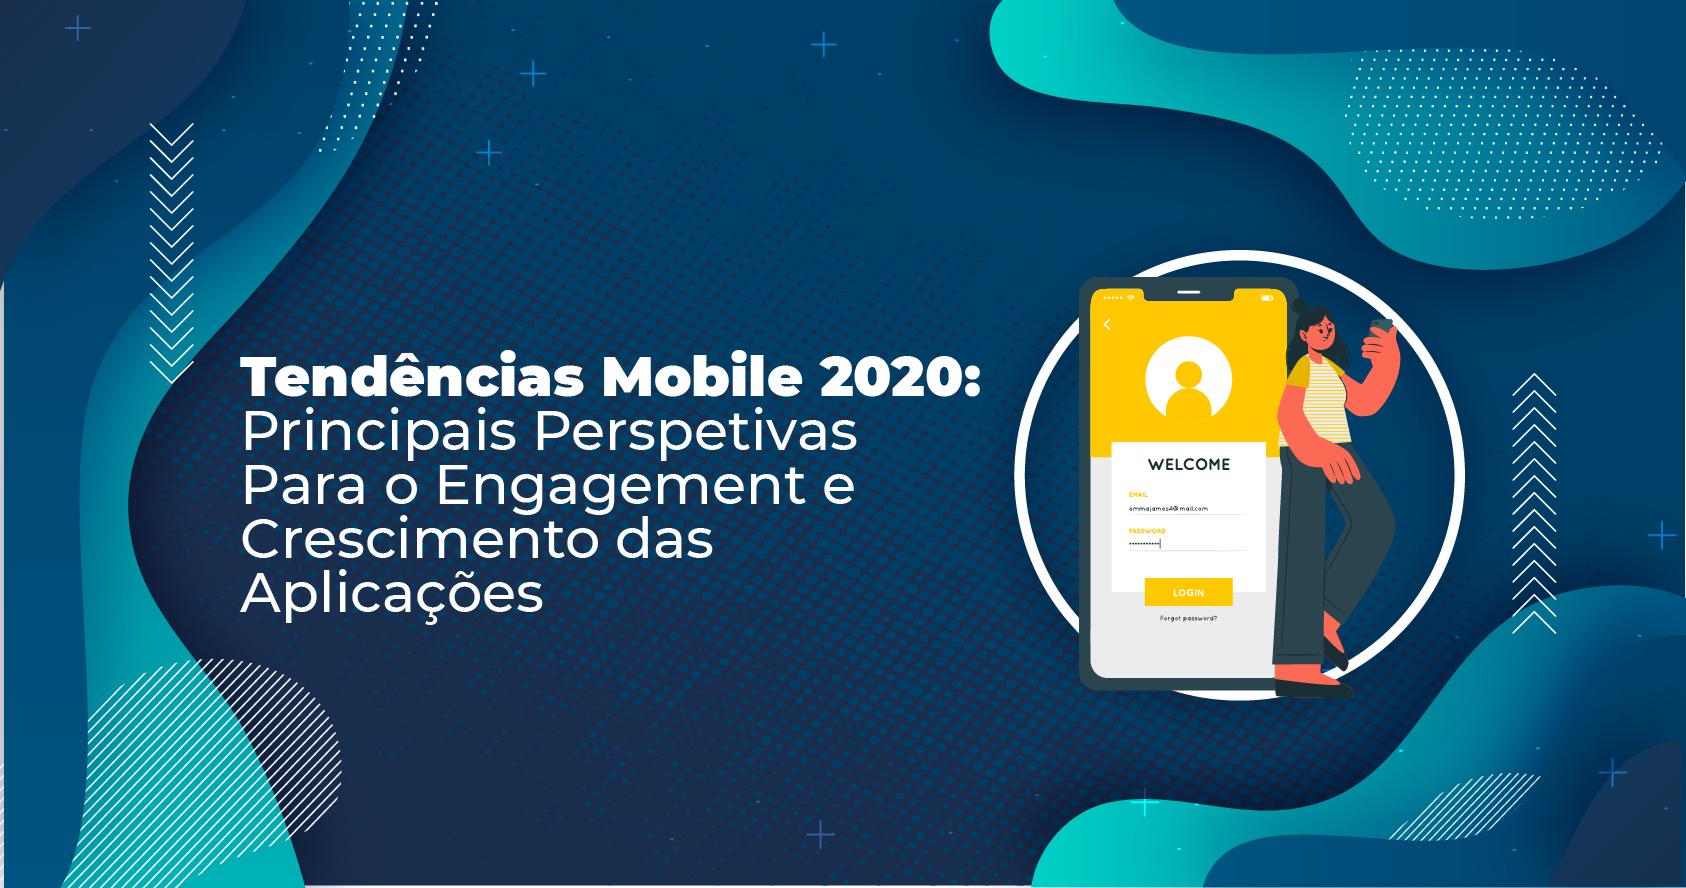 Bemyself_Tendências aplicações 2020_